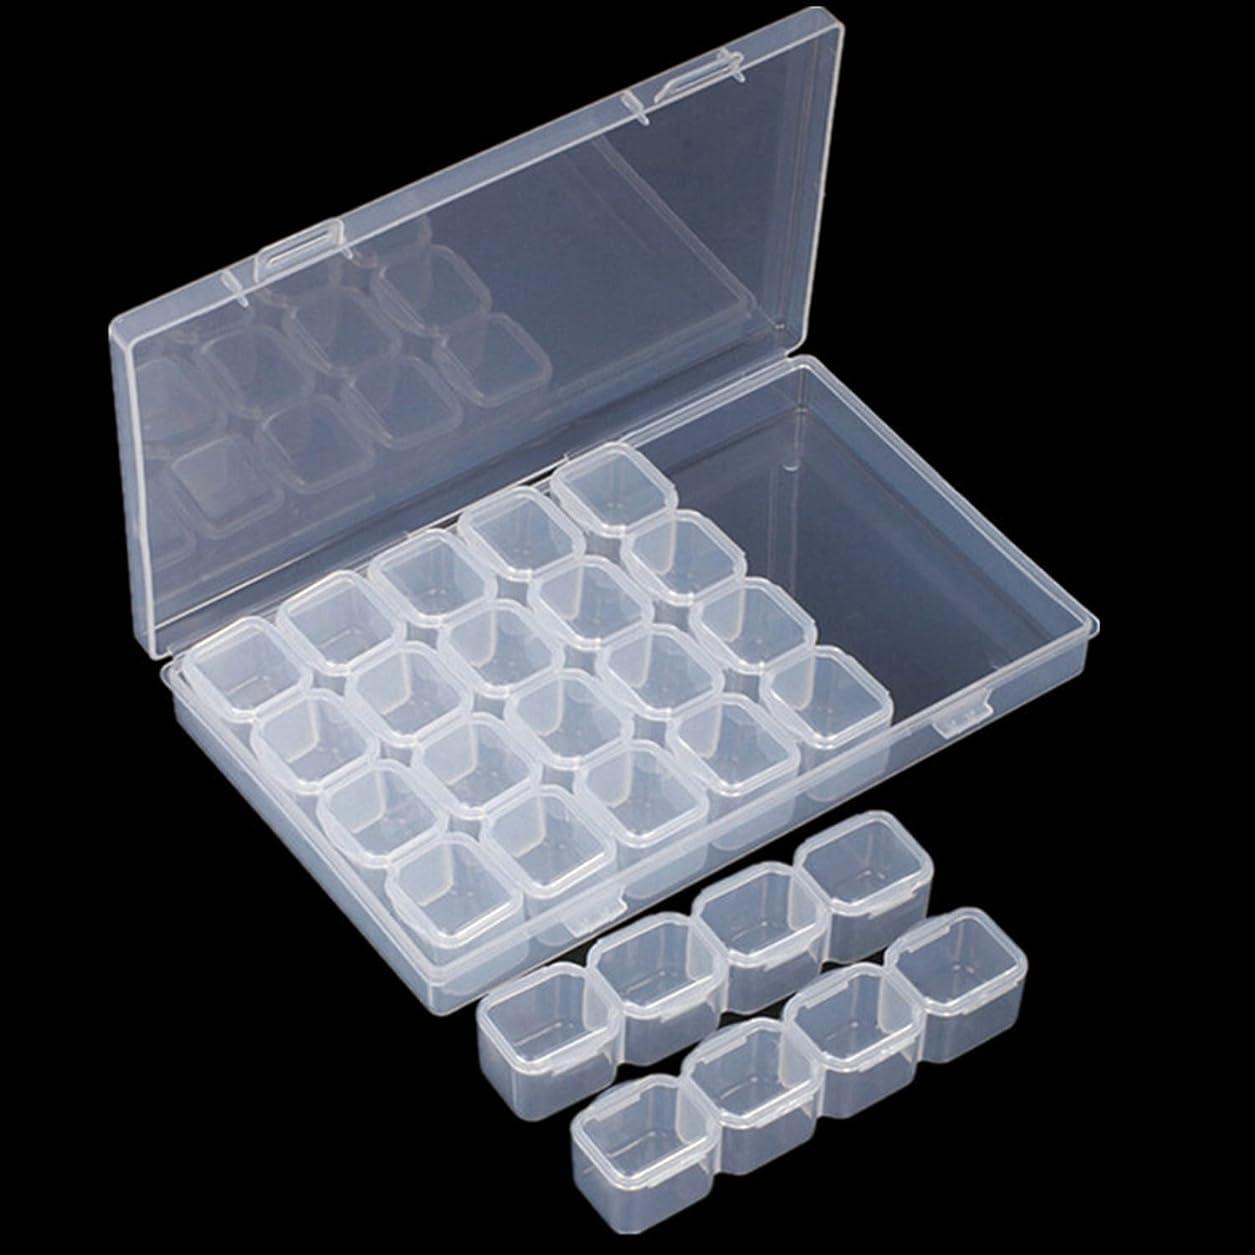 苛性甘くする思い出させるNrpfell ネイル28ラティスジュエリーボックス組み立てることができる解体ボックスネイル装飾ガジェット合金ダイヤモンドの装飾品のボックス